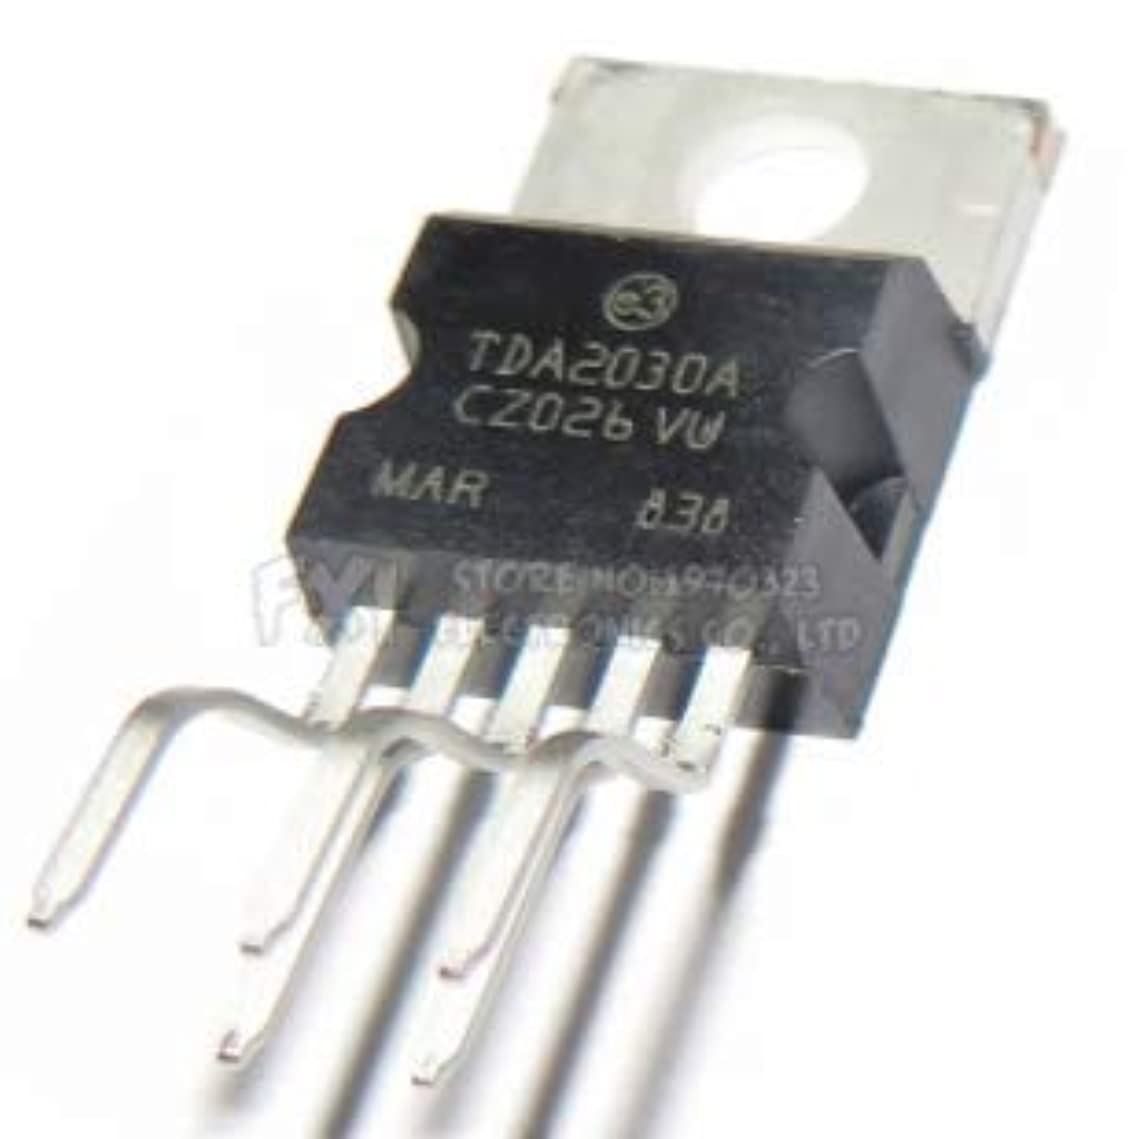 露不規則な四面体10 個 TDA2030 TDA2030A オーディオアンプ半袖高品質